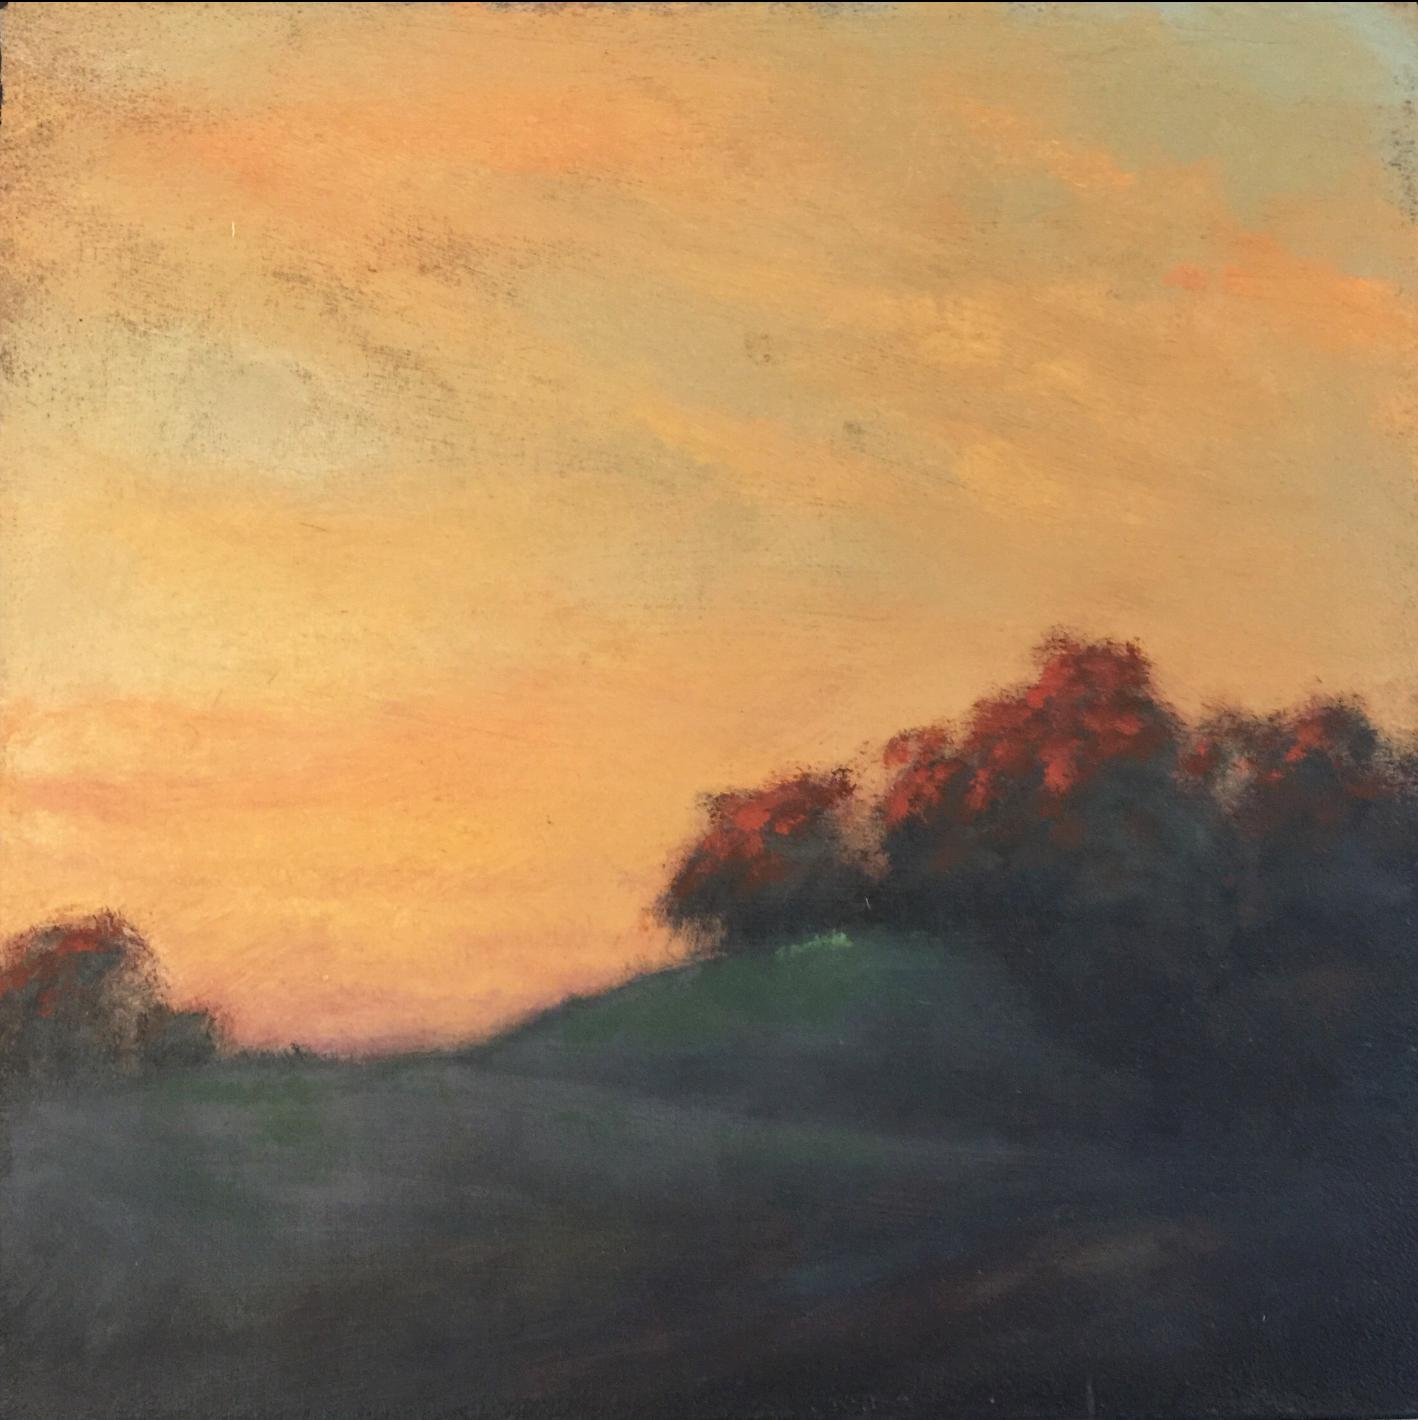 MICHAEL ORWICK, Last Light  Oil on Wood, 10in x10 in.